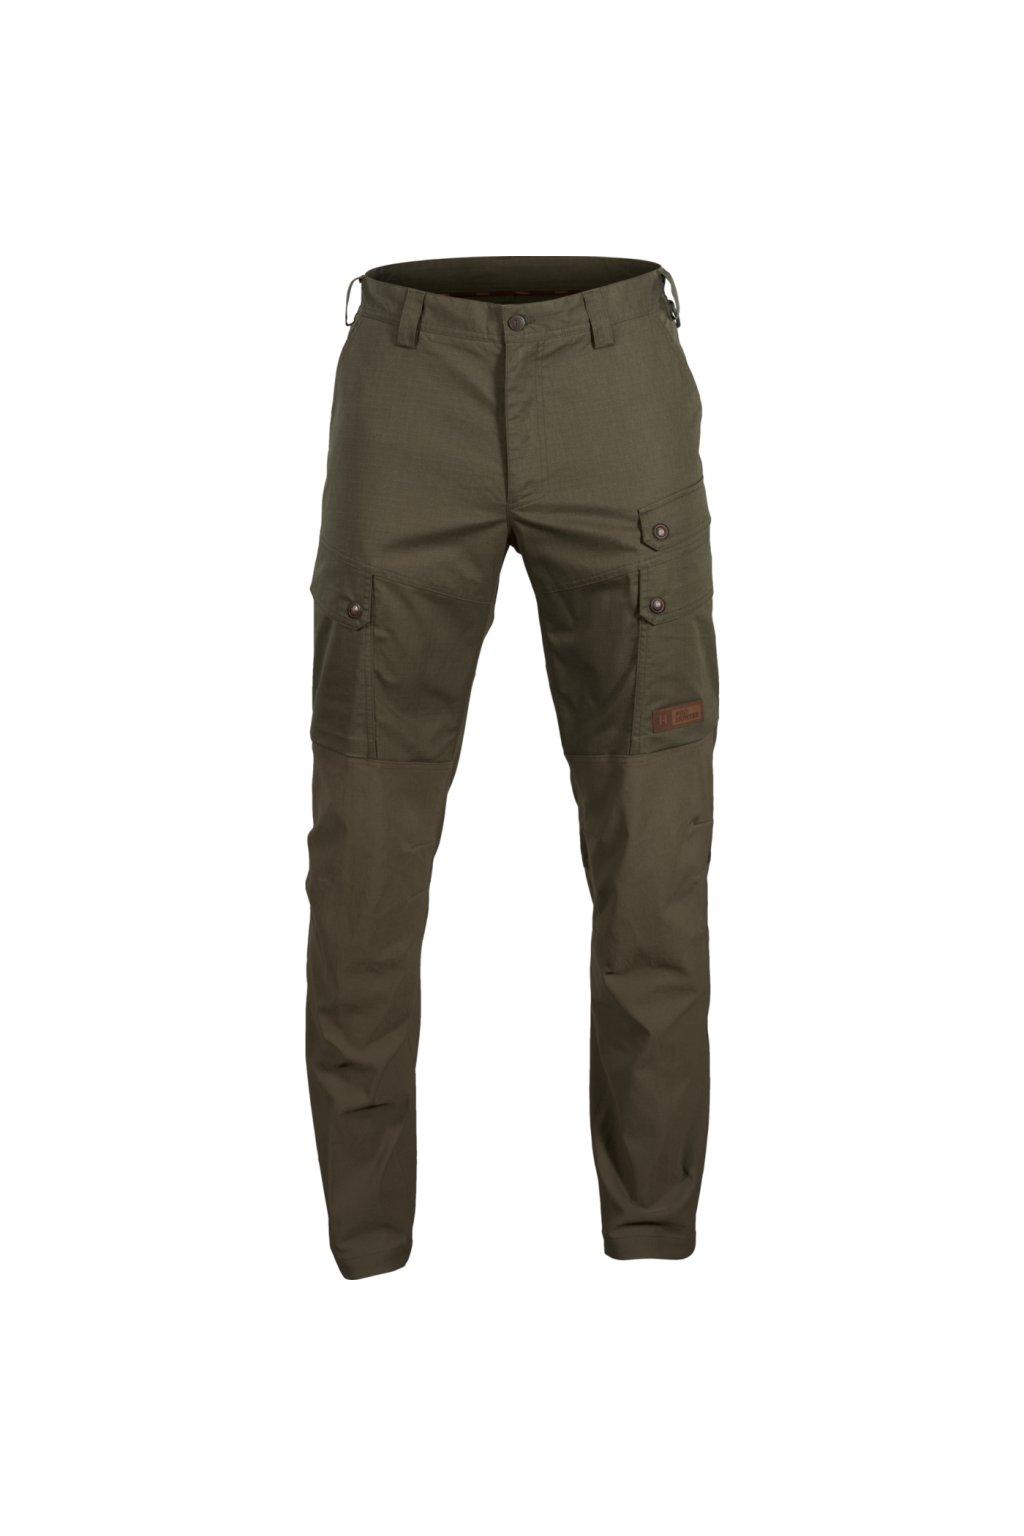 HÄRKILA - Pro Hunter light kalhoty pánské